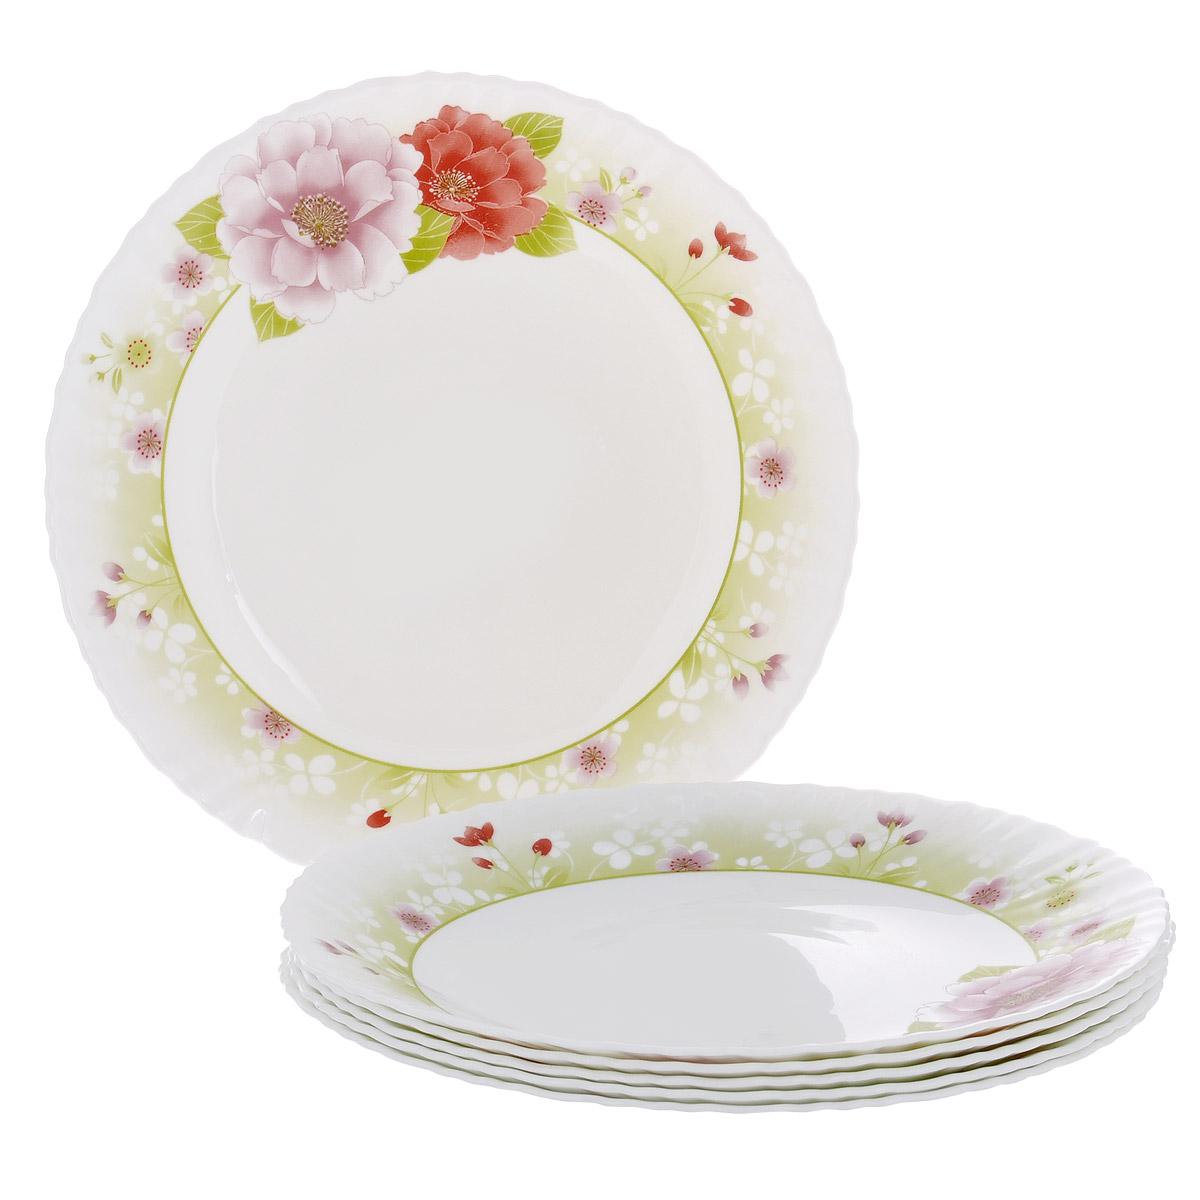 Набор тарелок Цветы, диаметр 26,5 см, 6 шт. Кт LHP105/6-1027LHP105/6-1027Набор тарелок Цветы, выполненный из высококачественного стекла, состоит из 6 мелких тарелок. Тарелки украшены принтом в виде цветов и фигурными краями. Они сочетают в себе изысканный дизайн с максимальной функциональностью. Оригинальность оформления тарелок придется по вкусу и ценителям классики, и тем, кто предпочитает утонченность и изящность. Набор тарелок Цветы послужит отличным подарком к любому празднику.